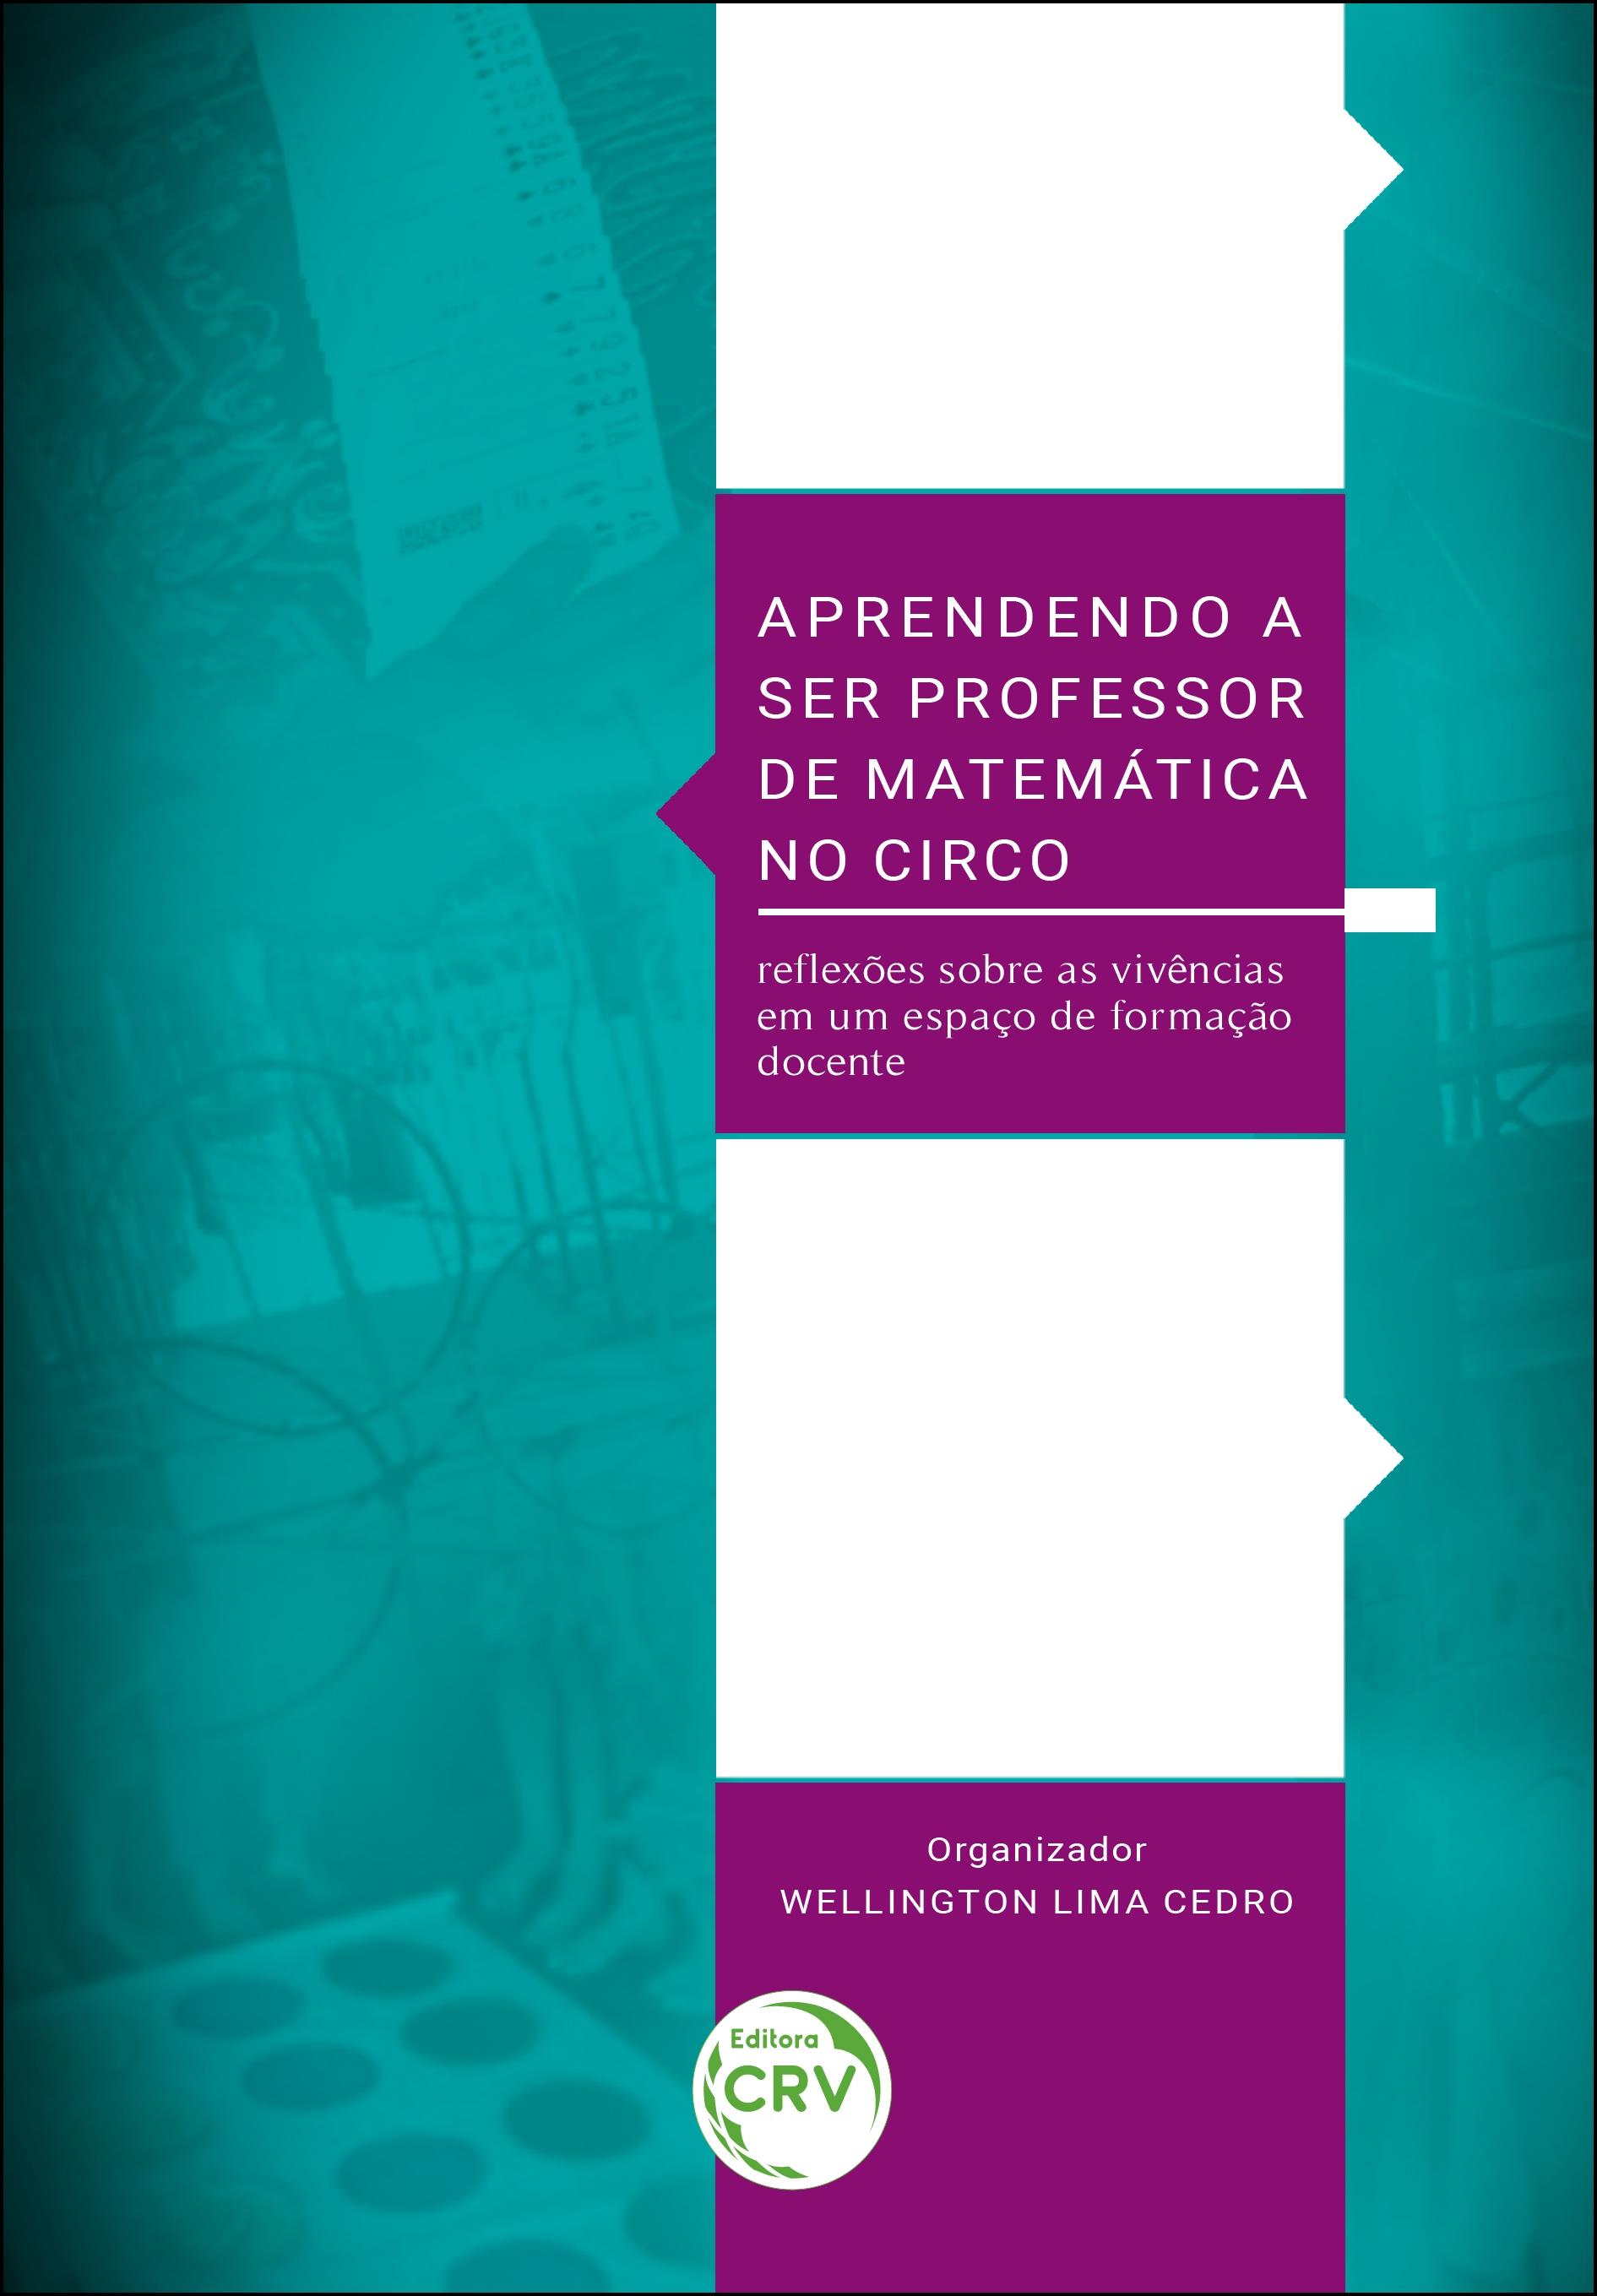 Capa do livro: APRENDENDO A SER PROFESSOR DE MATEMÁTICA NO CIRCO: <br> Reflexões sobre as vivências em um espaço de formação docente